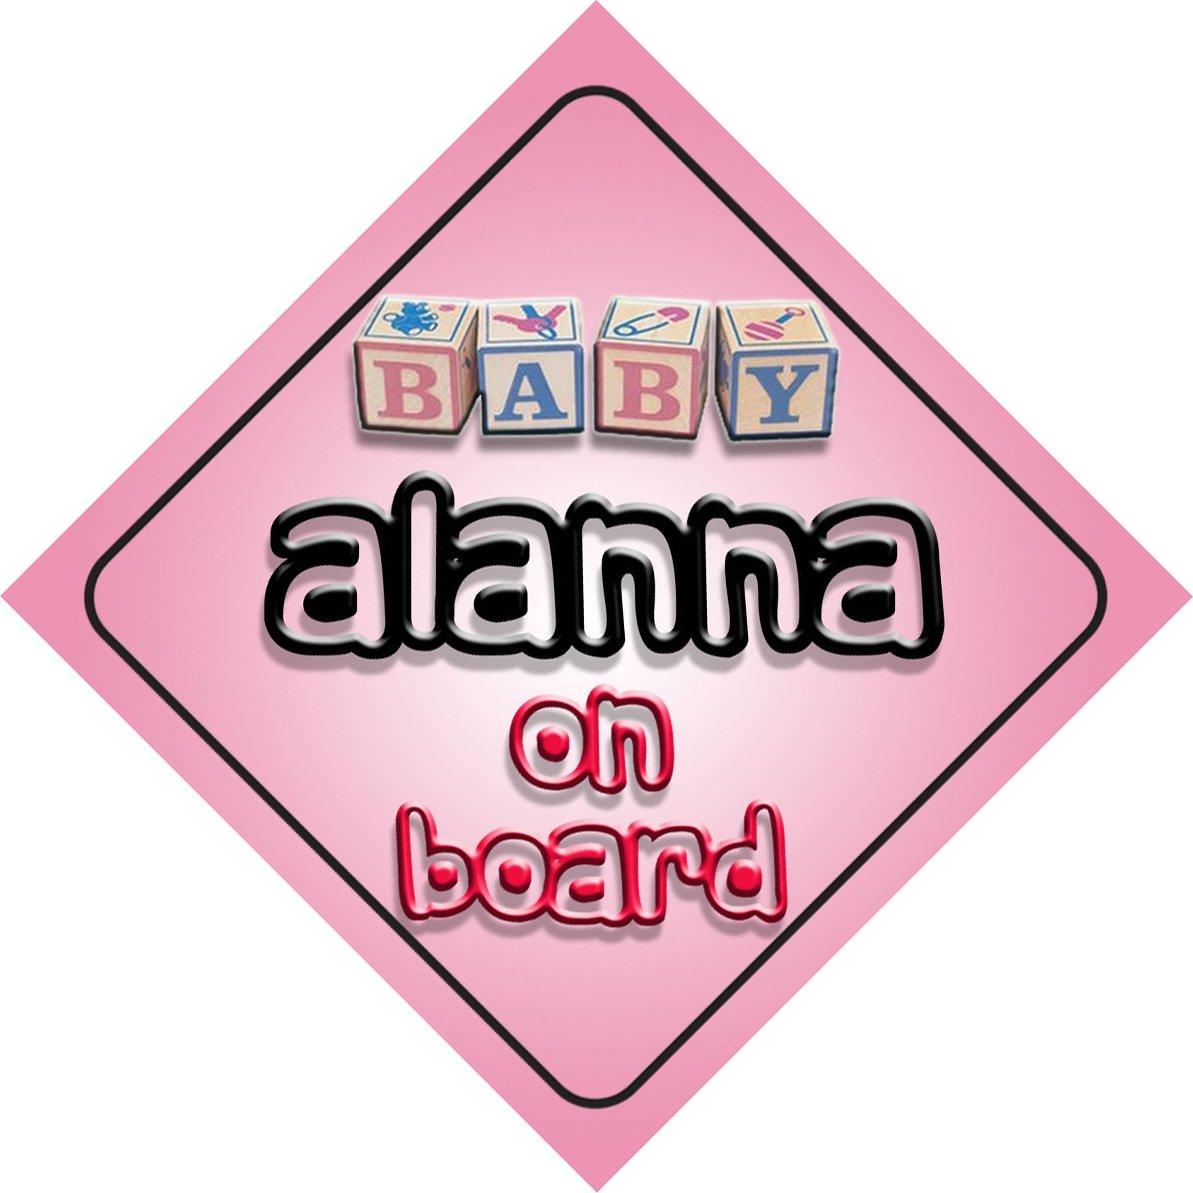 Bébé Fille Alanna on Board fantaisie Panneau de voiture Cadeau/cadeau pour nouveau/enfant nouveau-né